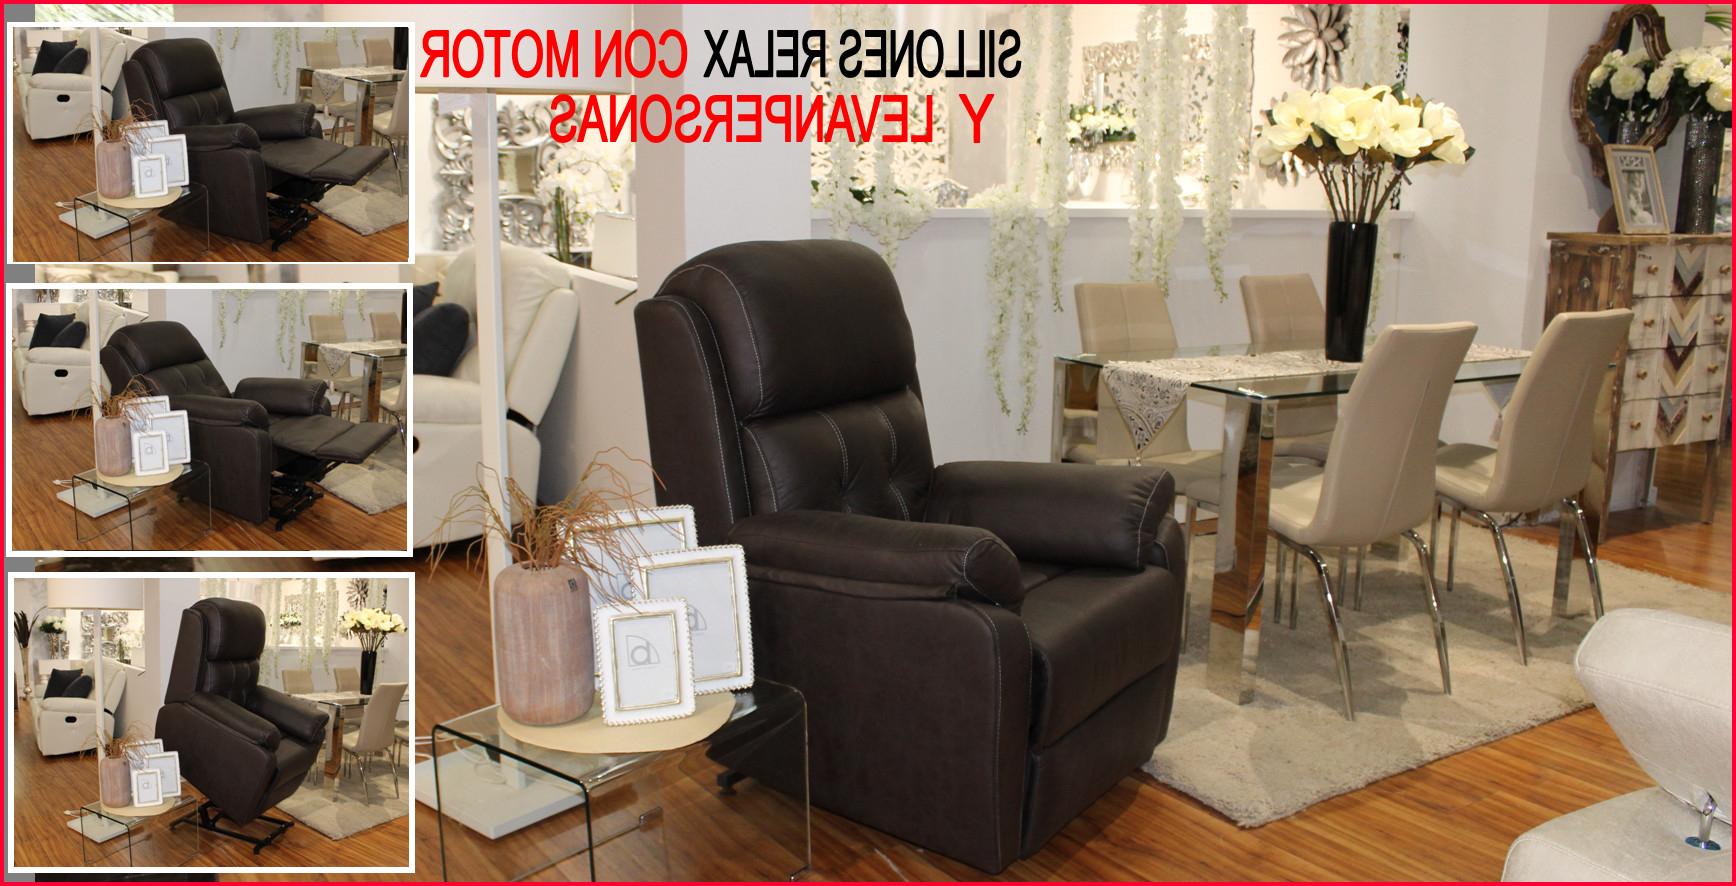 Tiendas De Muebles En Fuengirola S5d8 Tiendas De Muebles En Fuengirola Muebles En Malaga